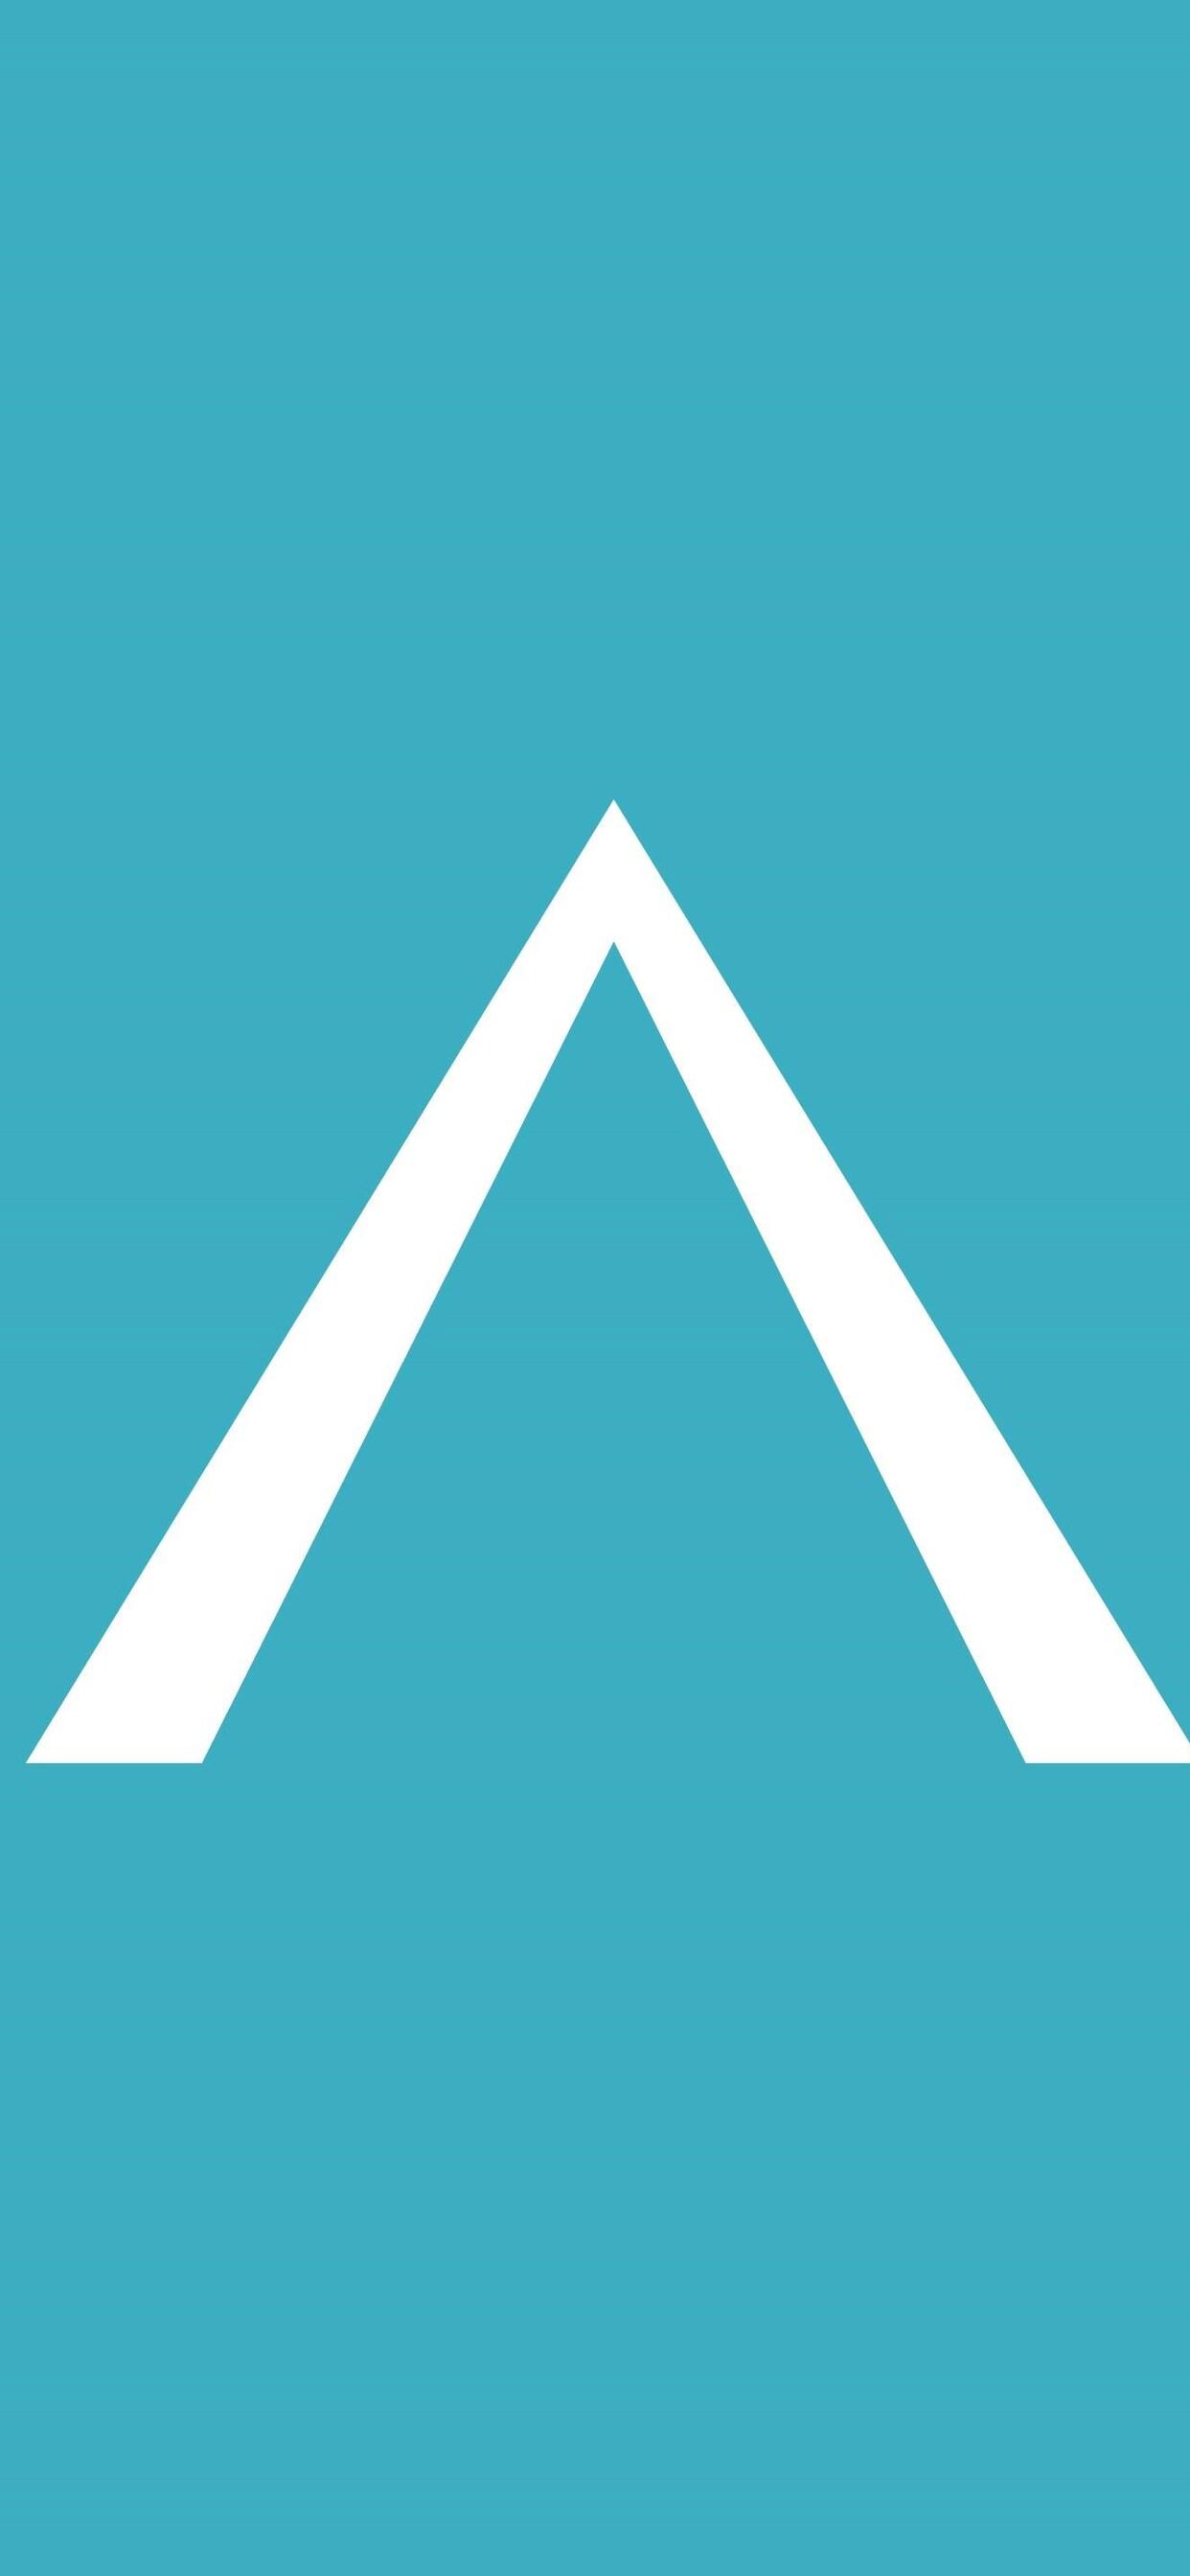 aquaman-logo-minimalism-to.jpg